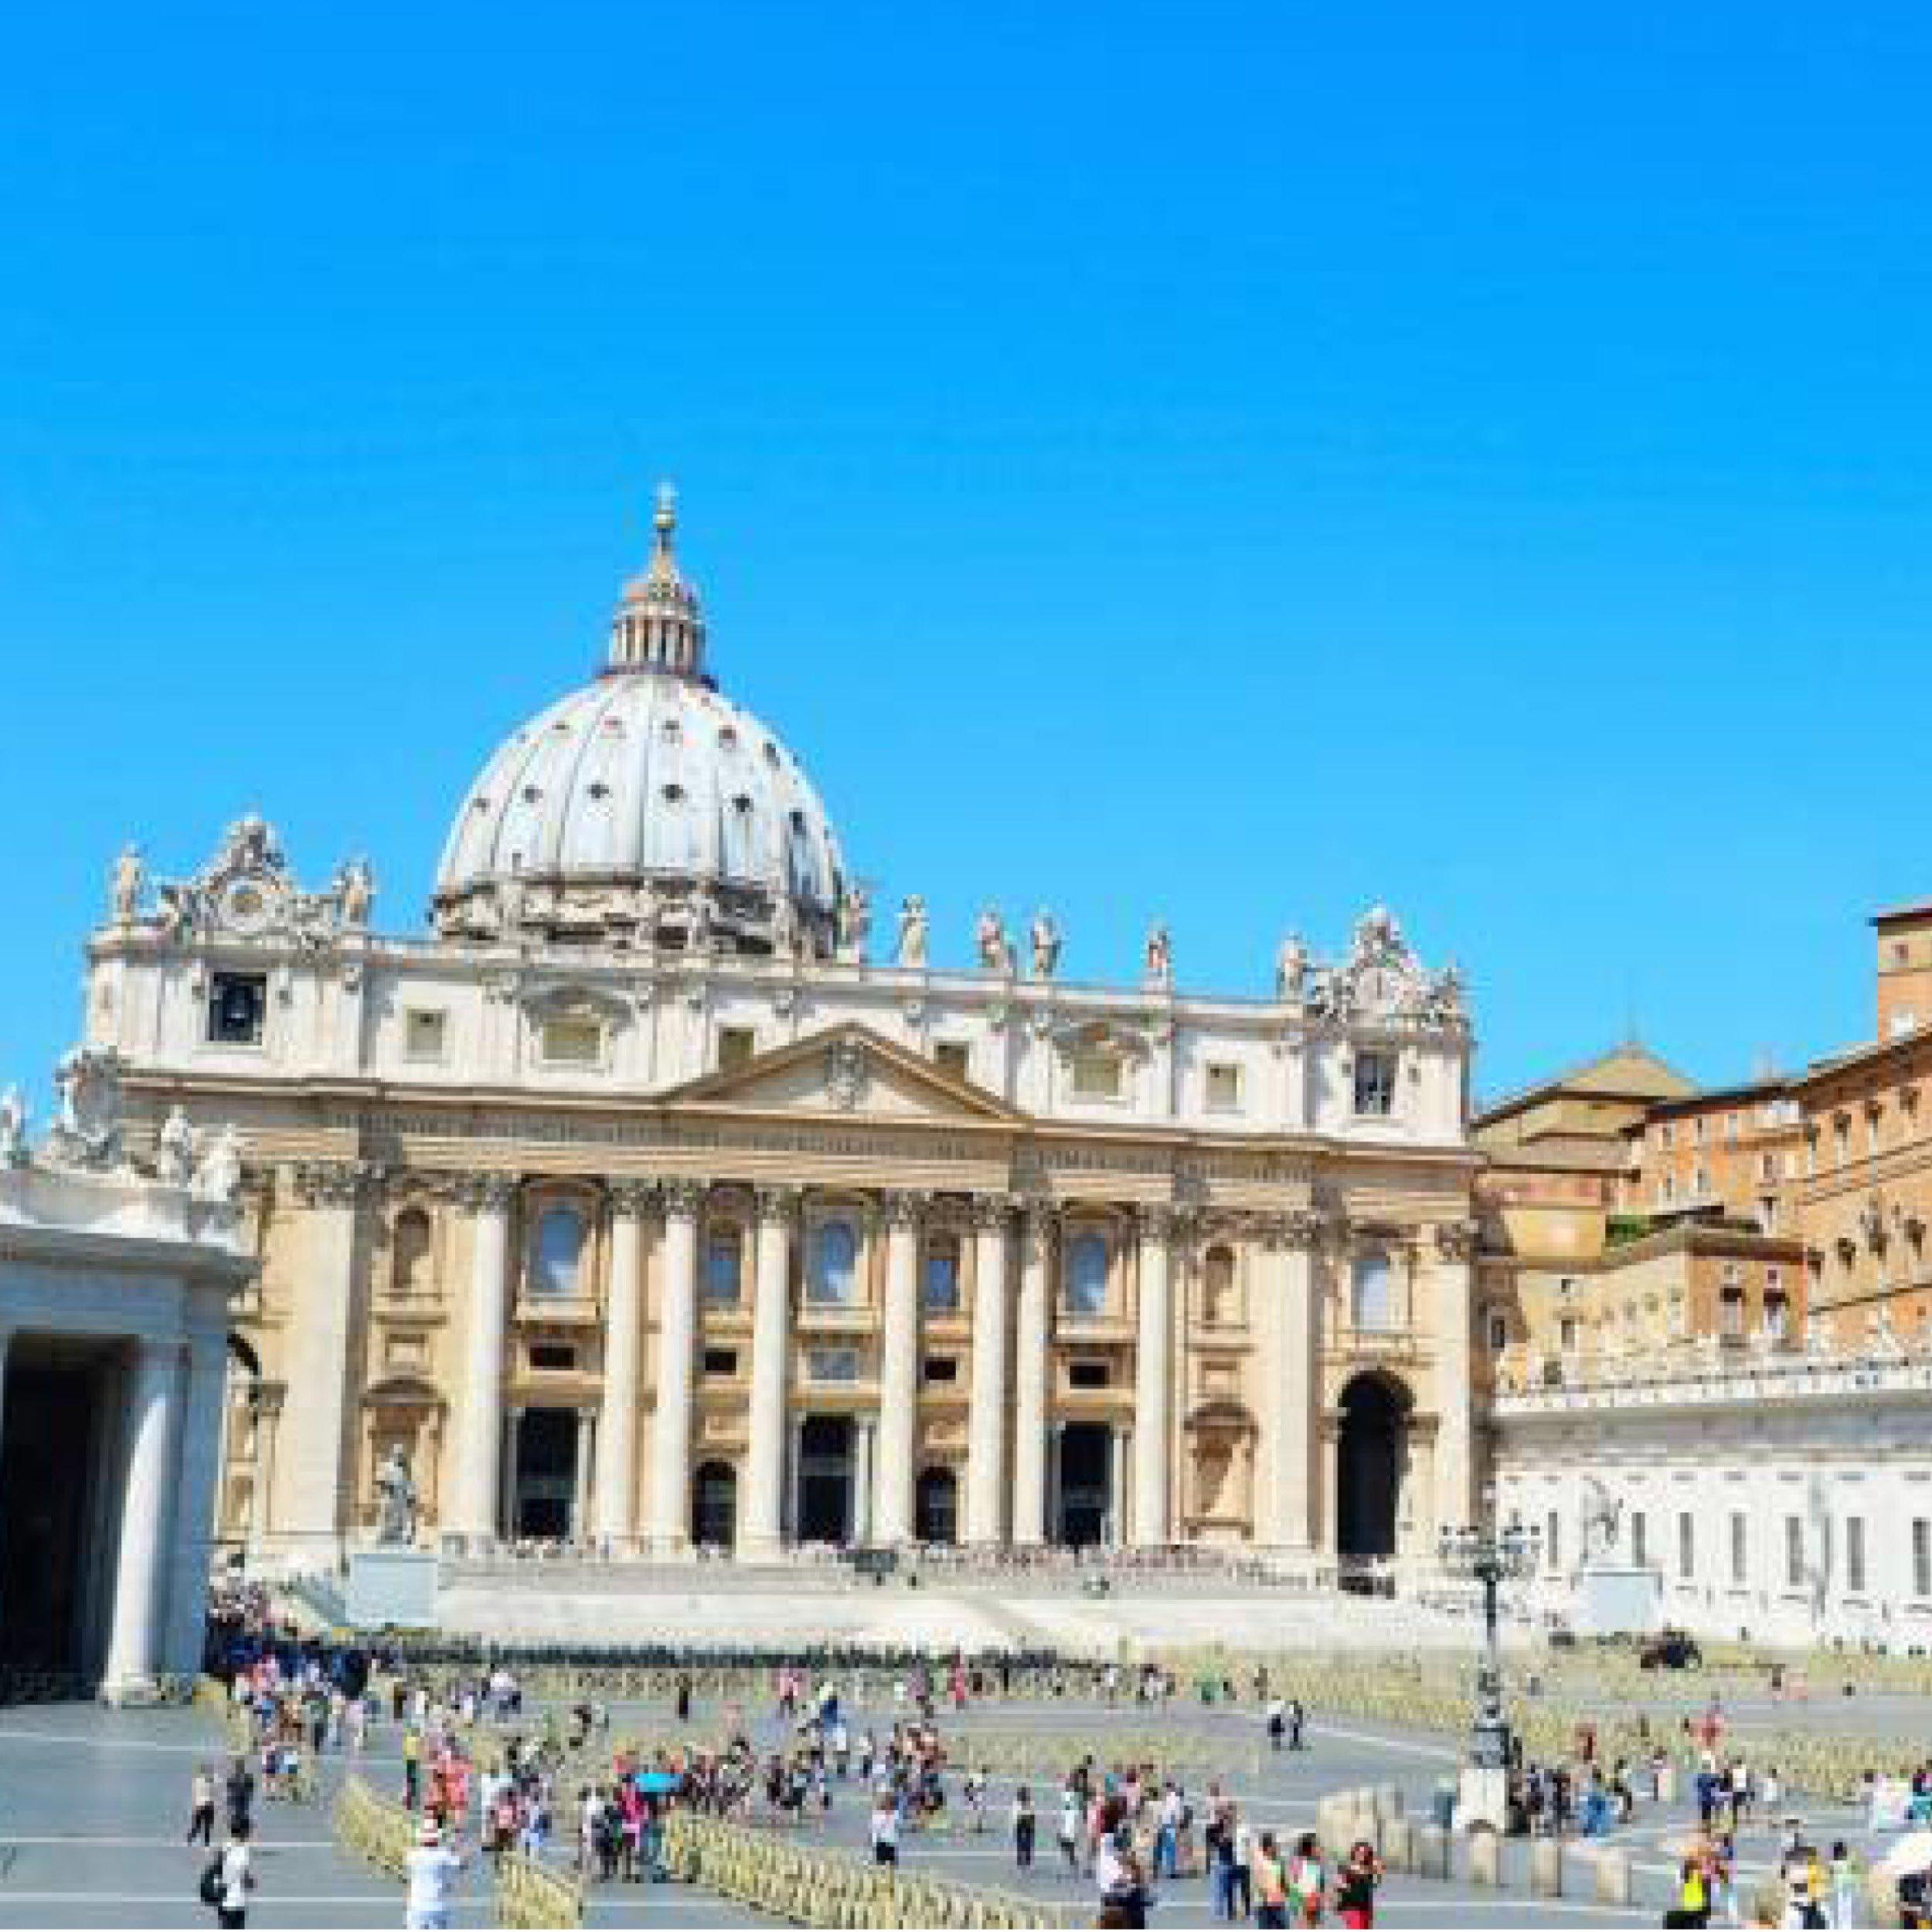 Podcast: La basilica di San Pietro